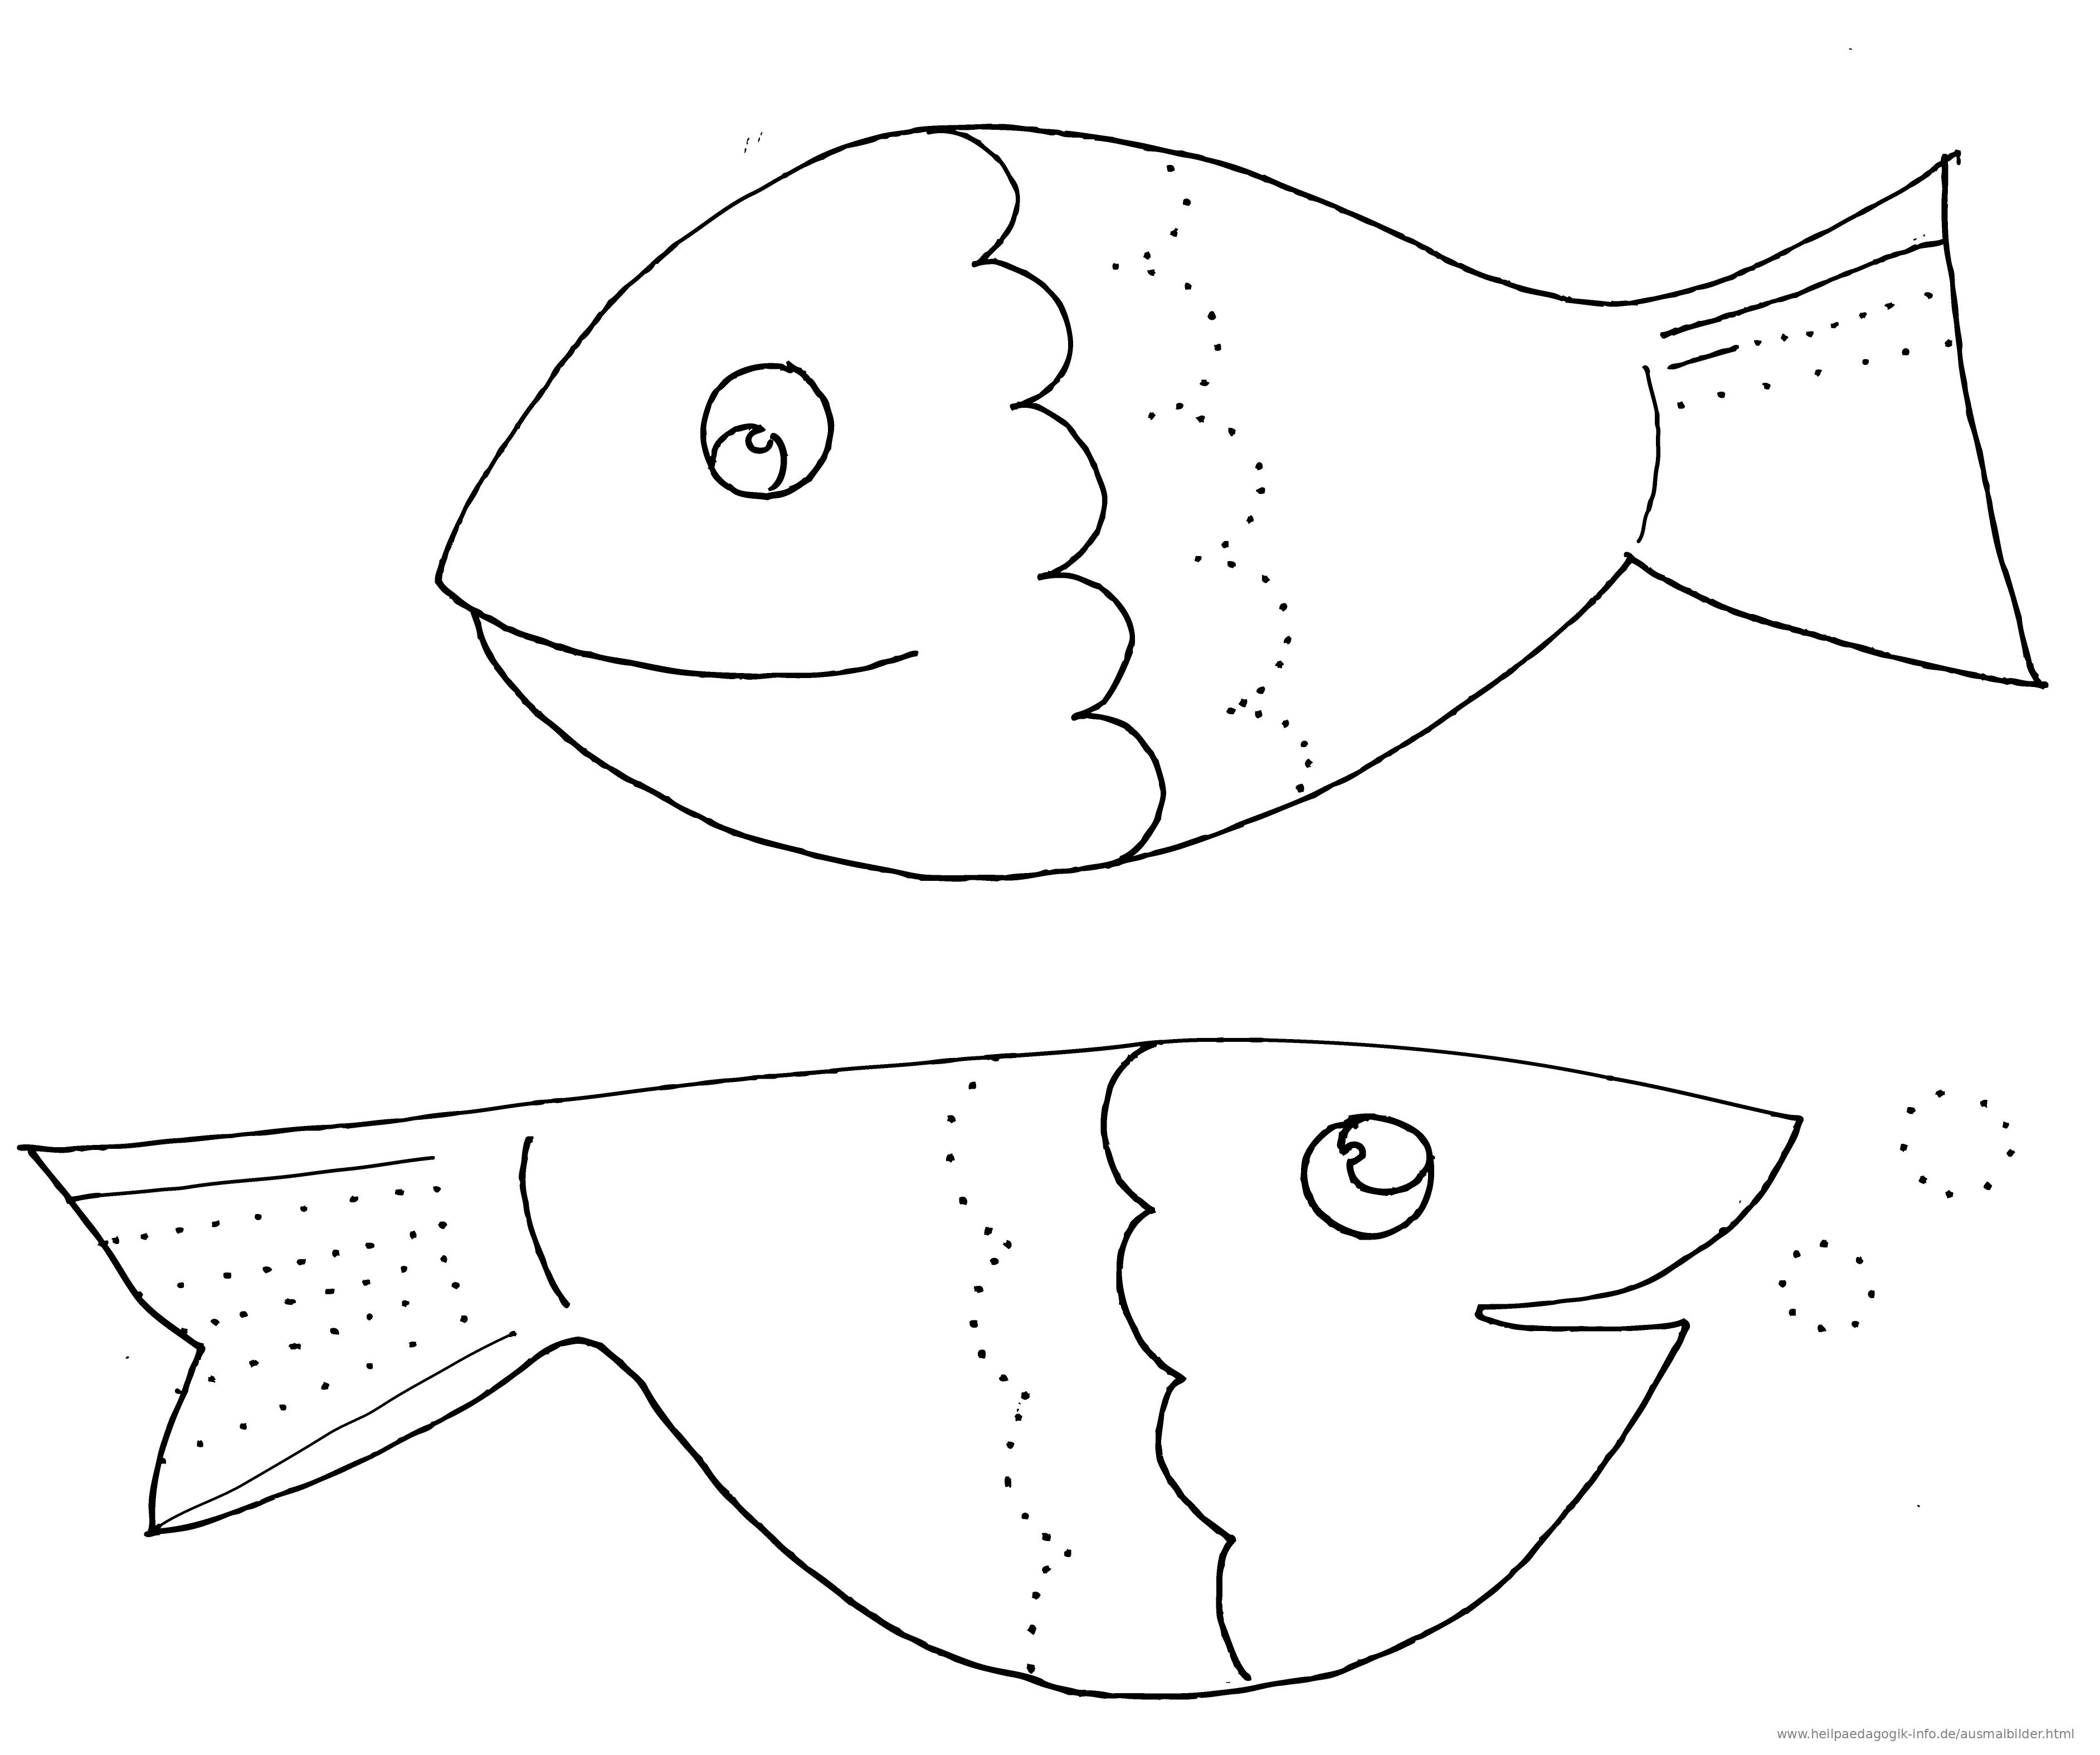 Ausmalbild Fische Schwungübung Als PDF oder PNG anzeigen